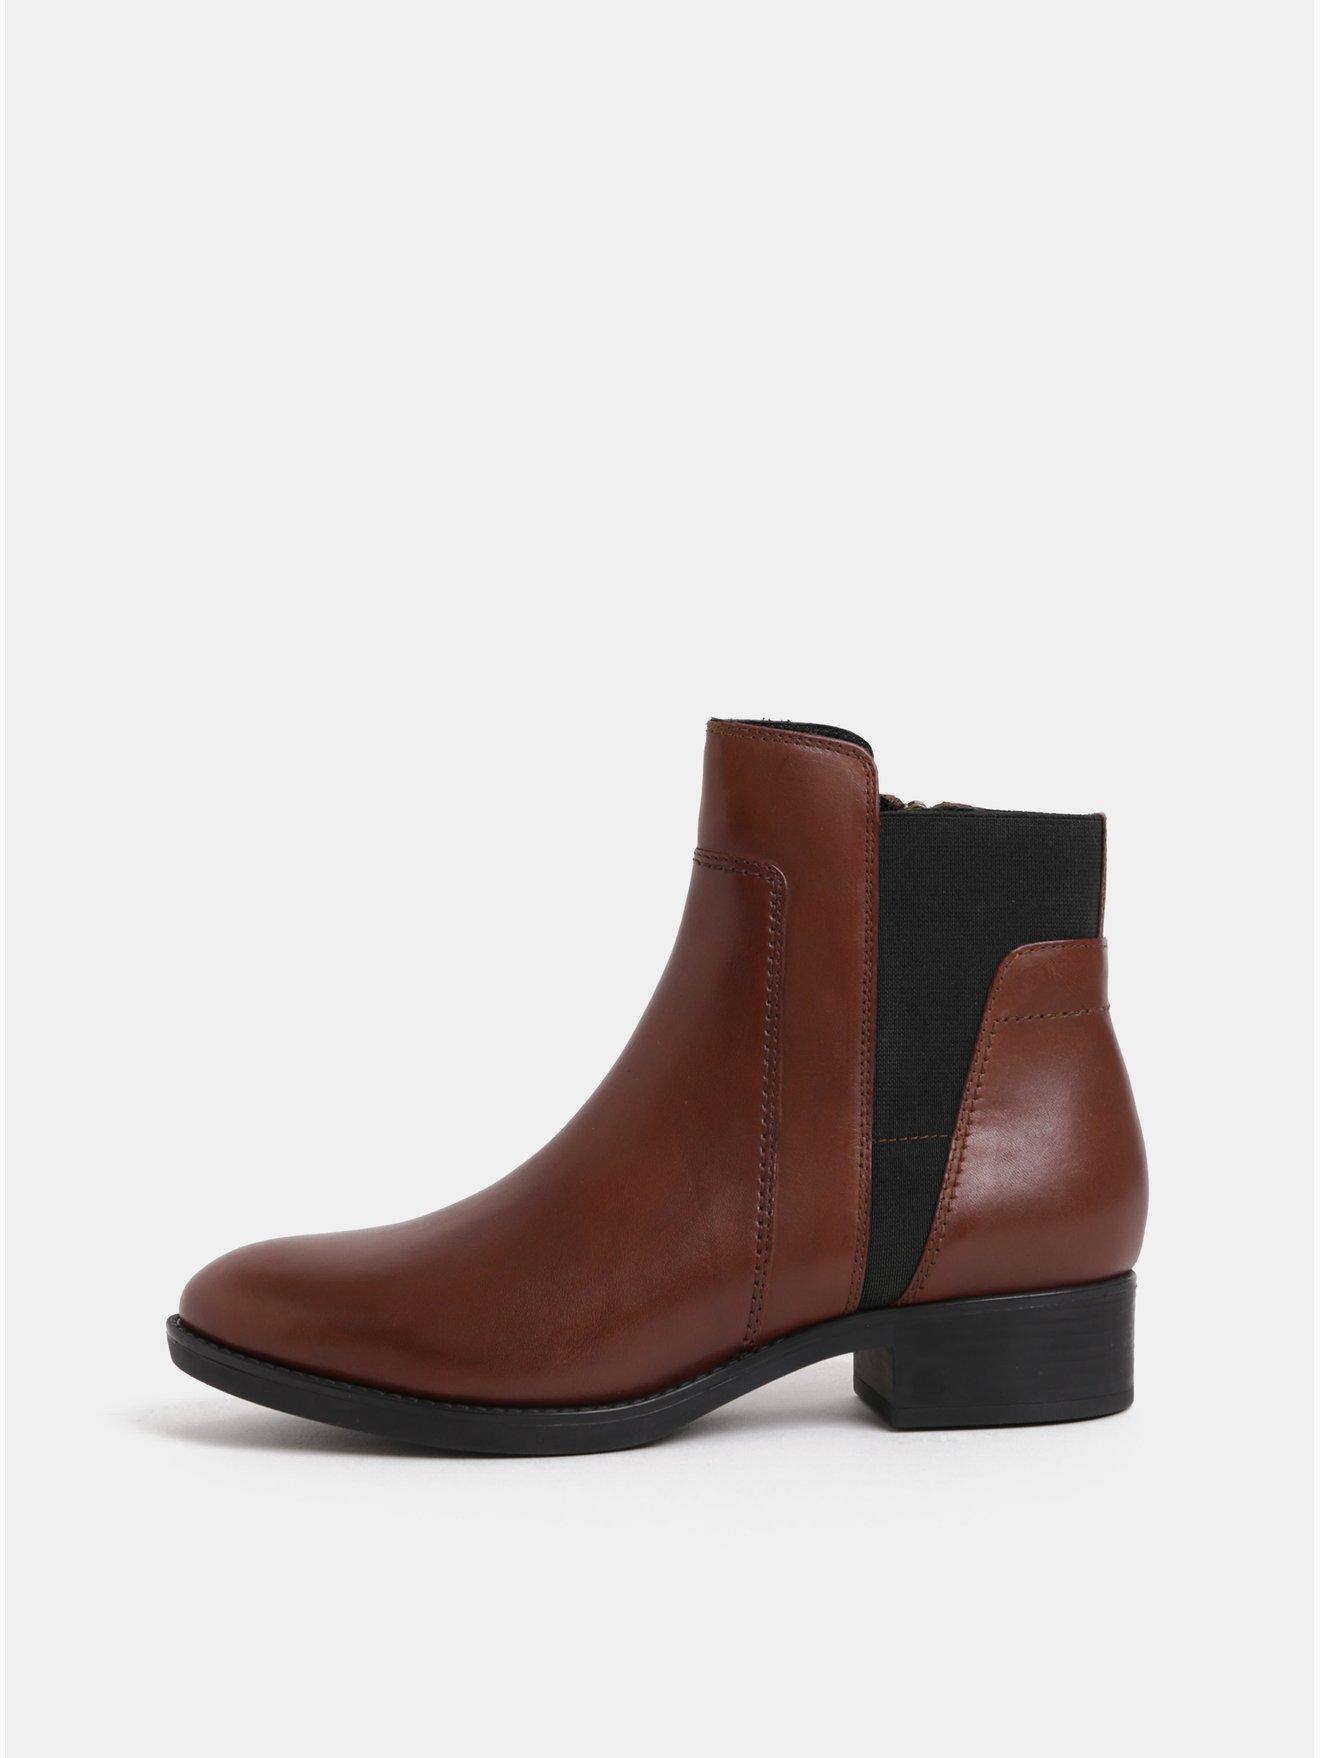 c9fdc0aa2d Hnedé dámske kožené chelsea topánky Geox Felicity